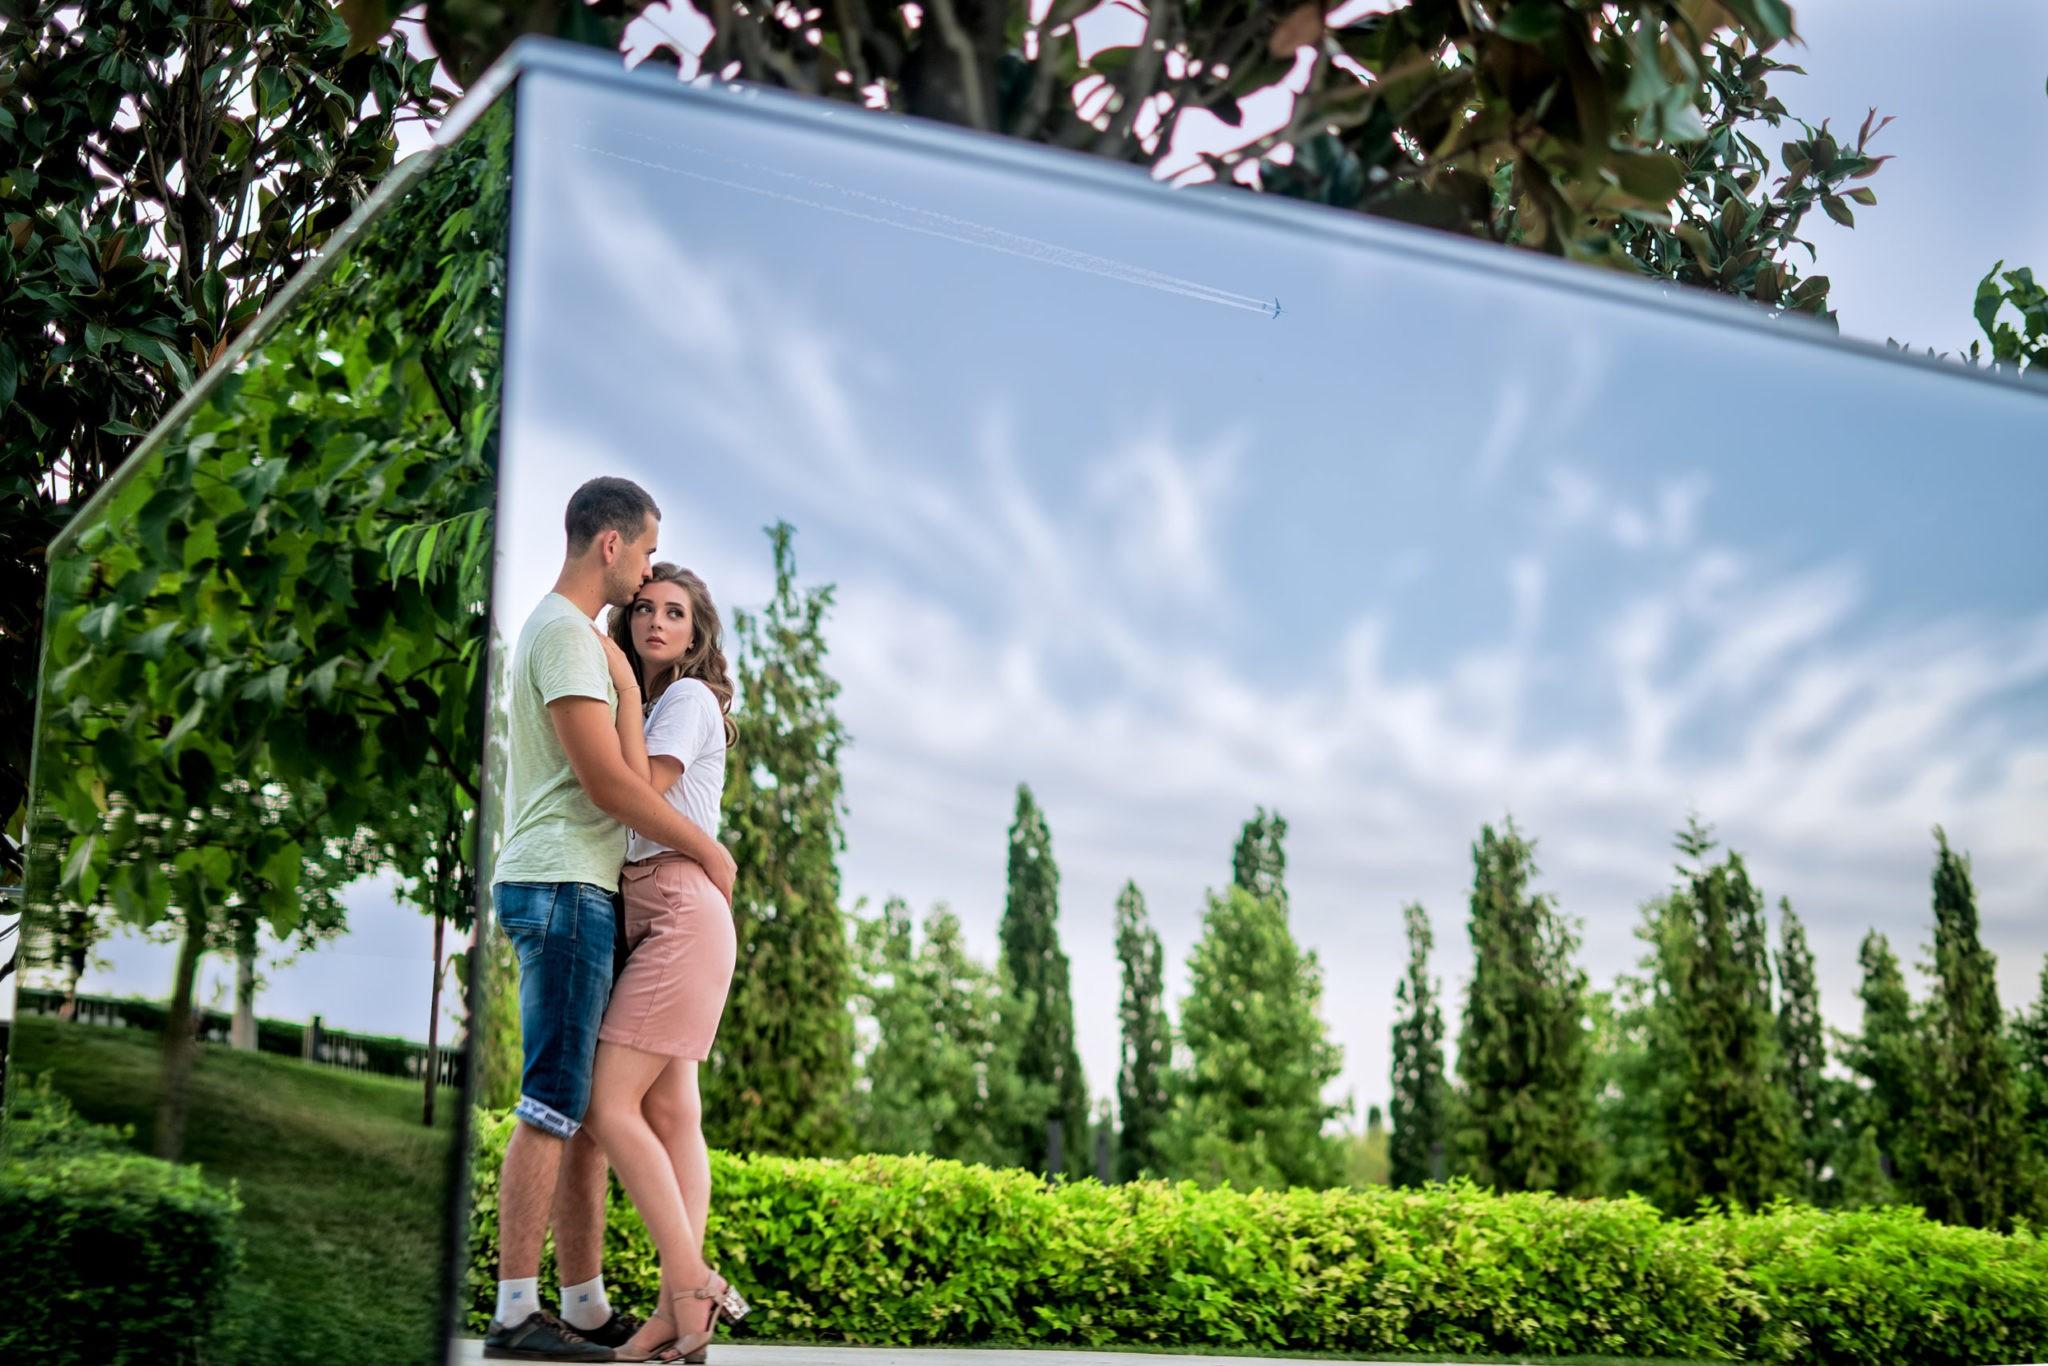 Love story в Краснодаре, предсвадебная фотосъемка от свадебного фотографа в Краснодаре